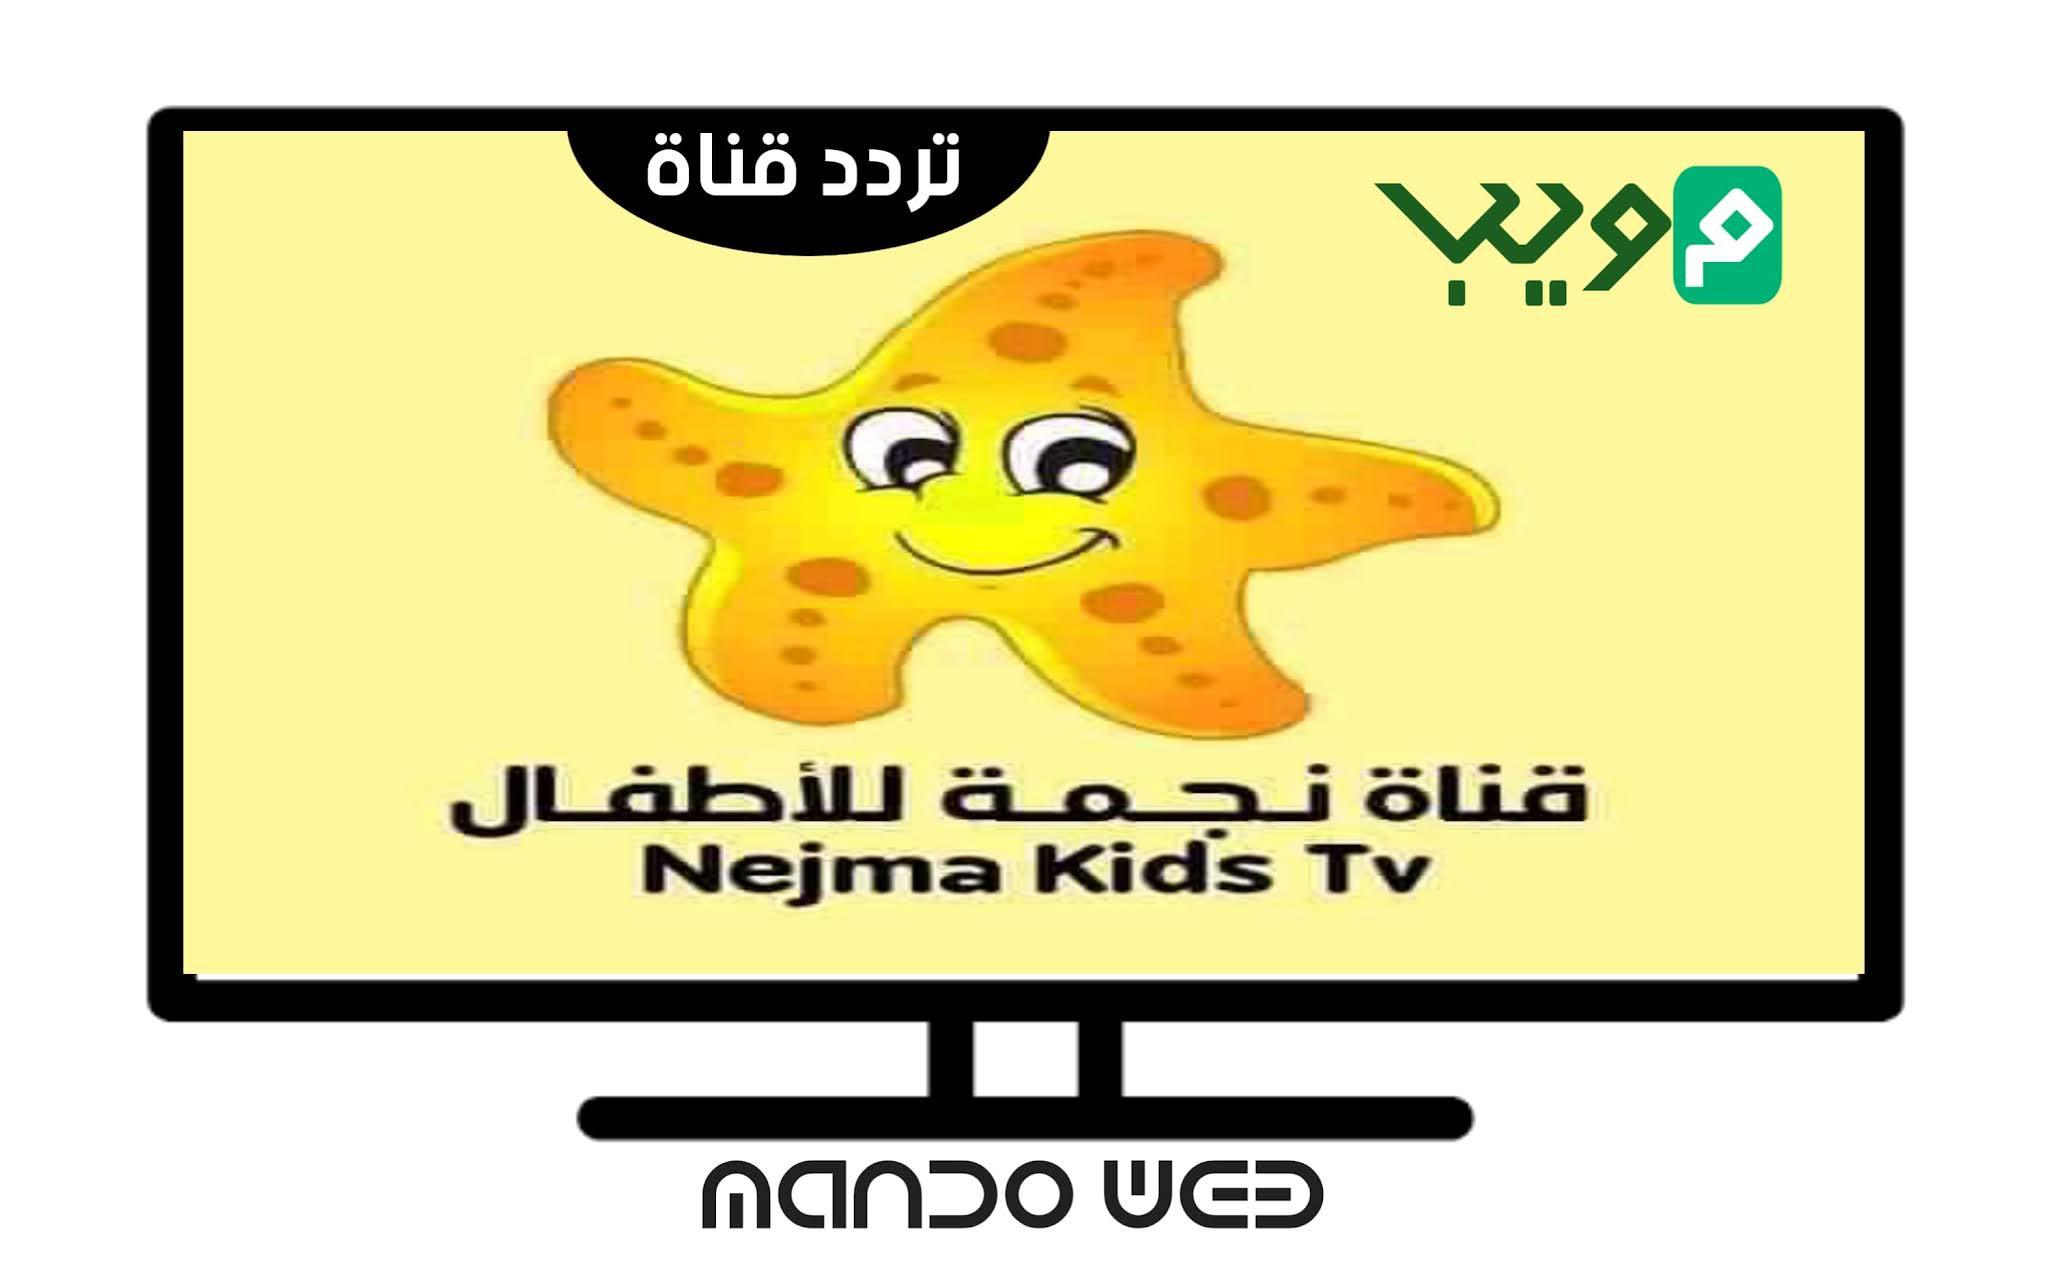 تردد قناة نجمة كيدز Neima kids الجديدة على النايل سات